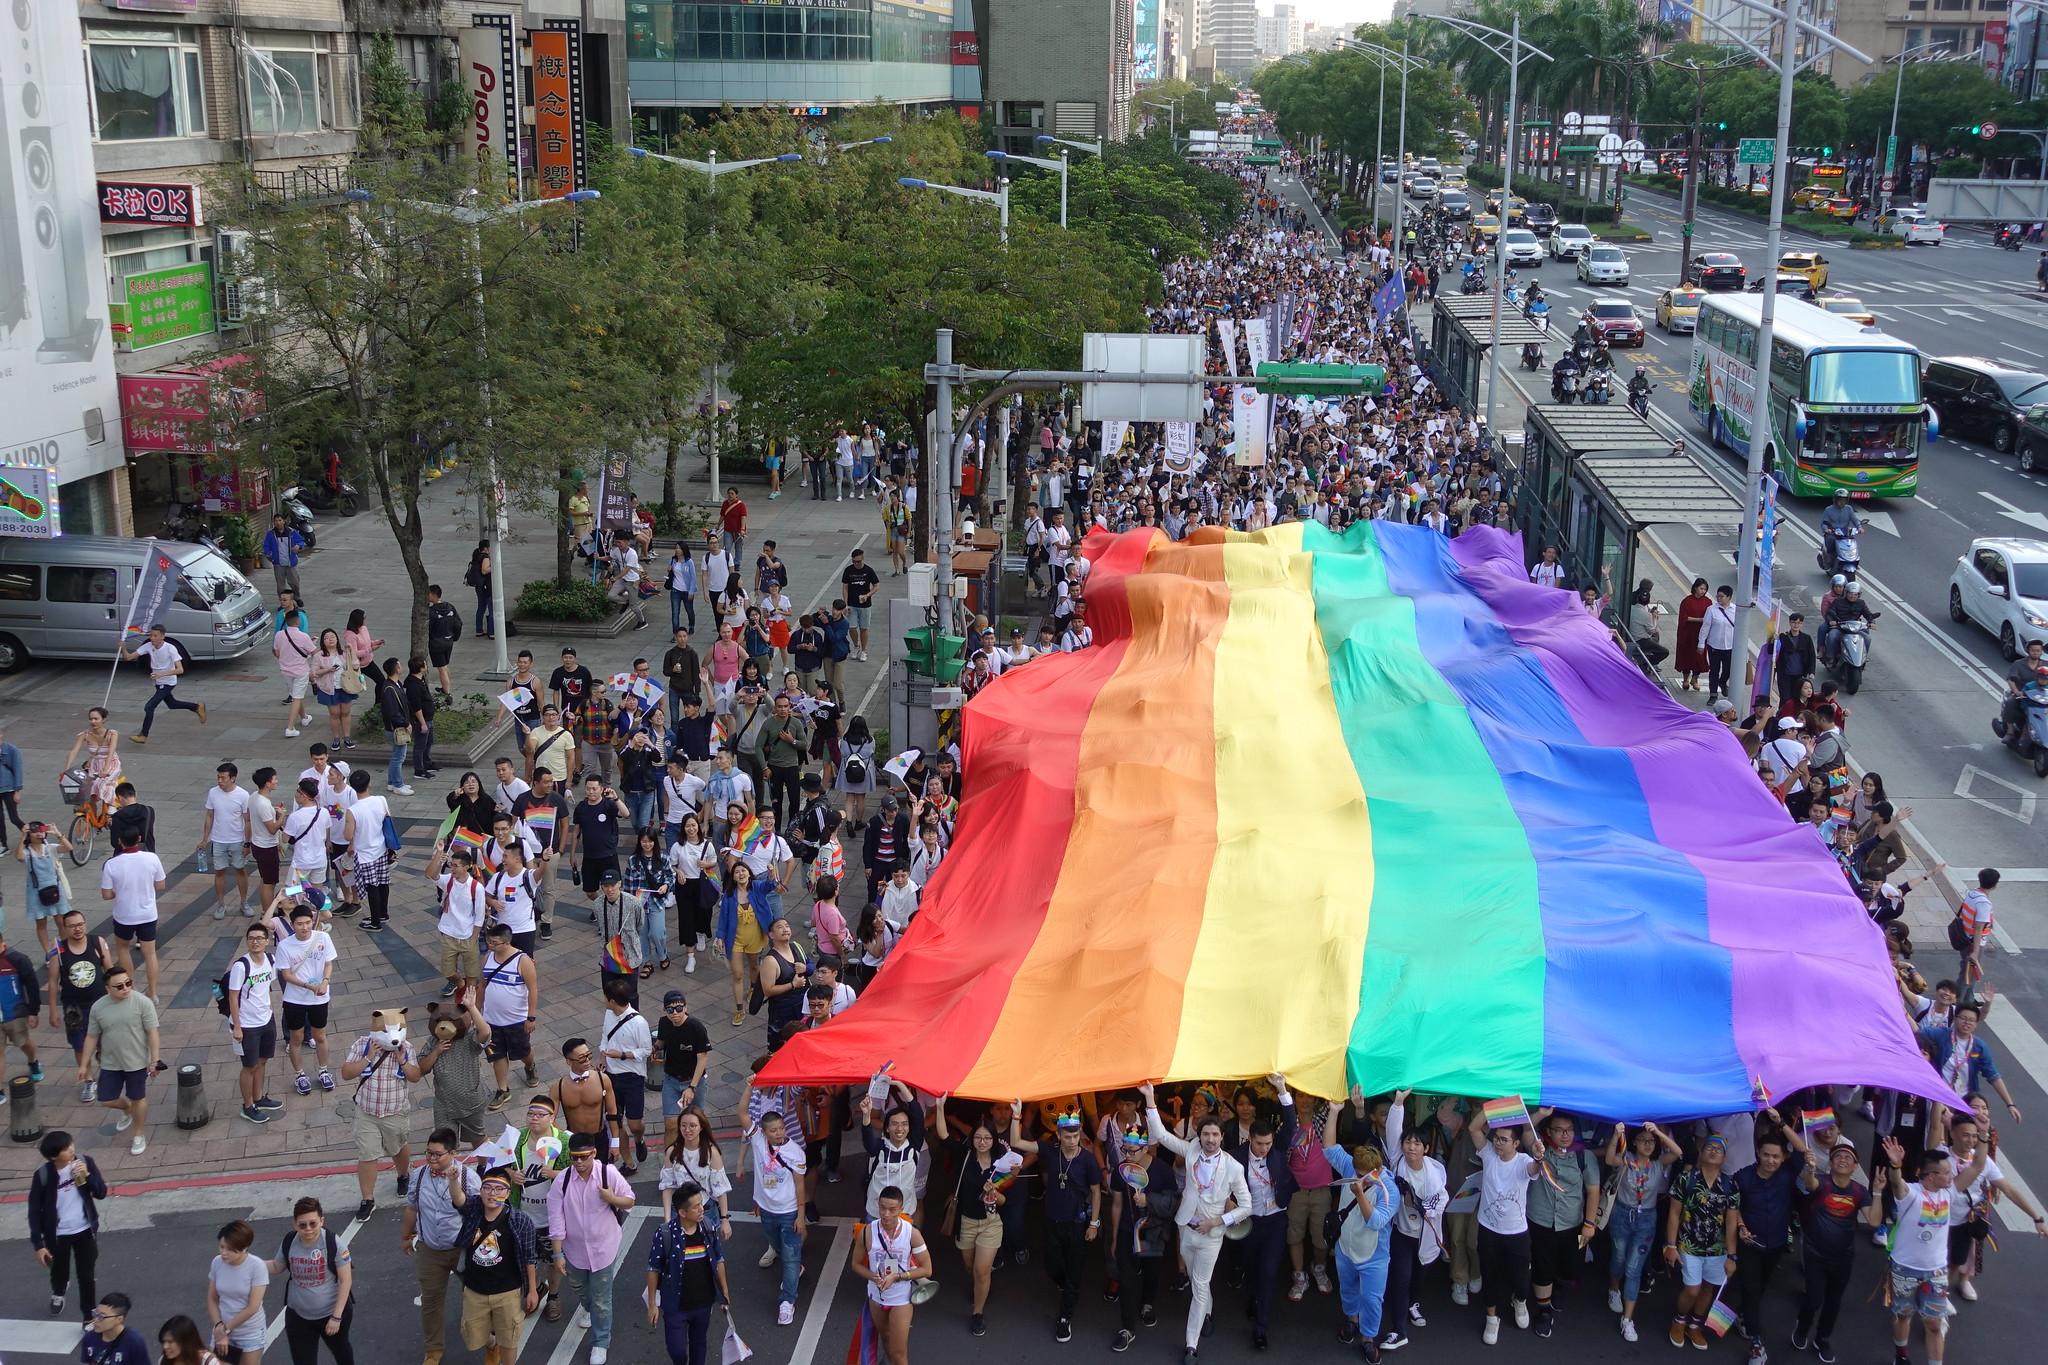 同志遊行中的大面彩虹旗。(攝影:張智琦)